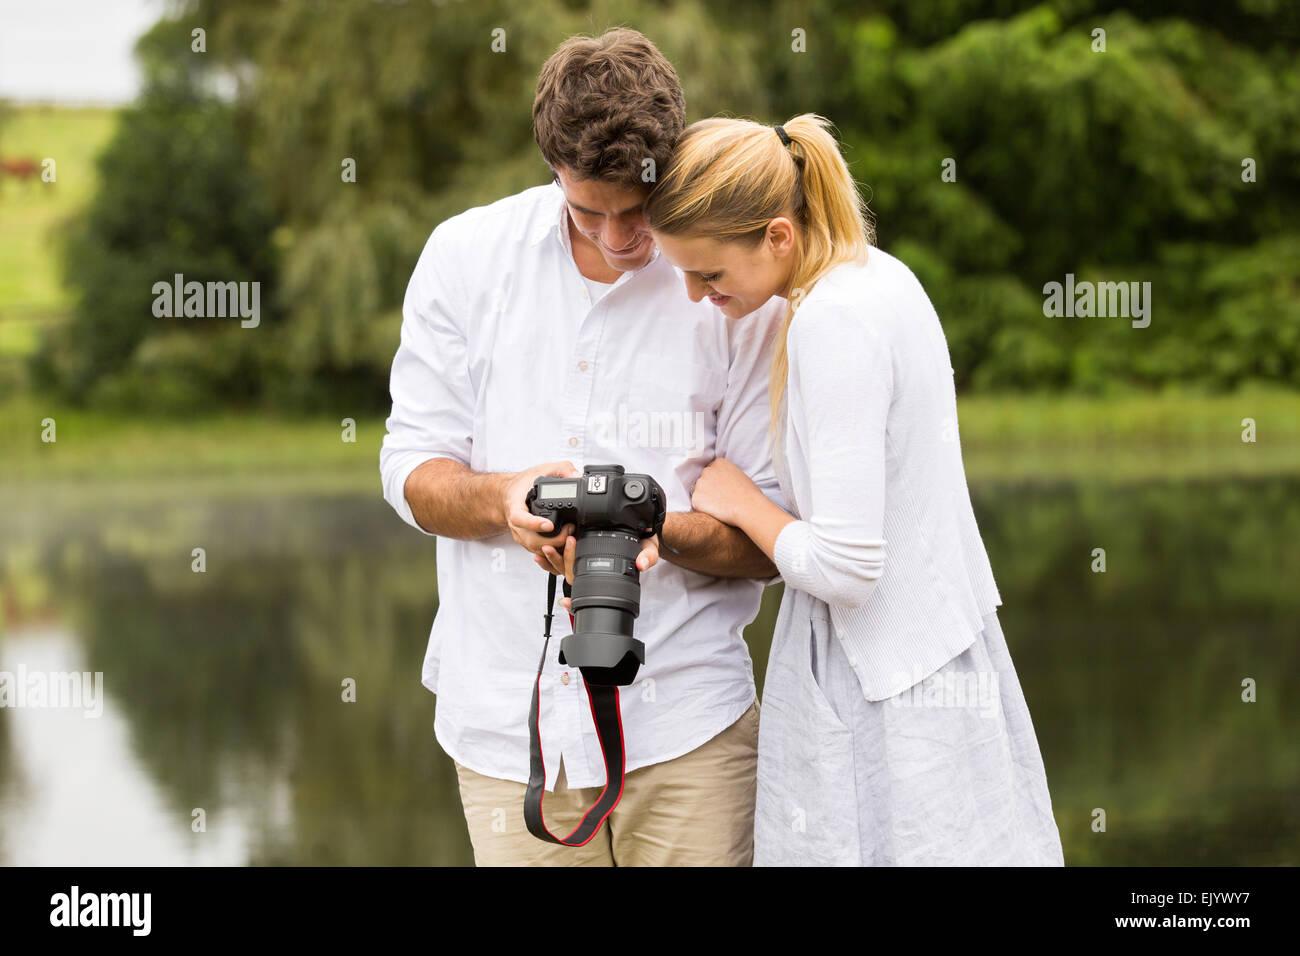 Joven pareja feliz viendo las imágenes de la cámara al aire libre Imagen De Stock